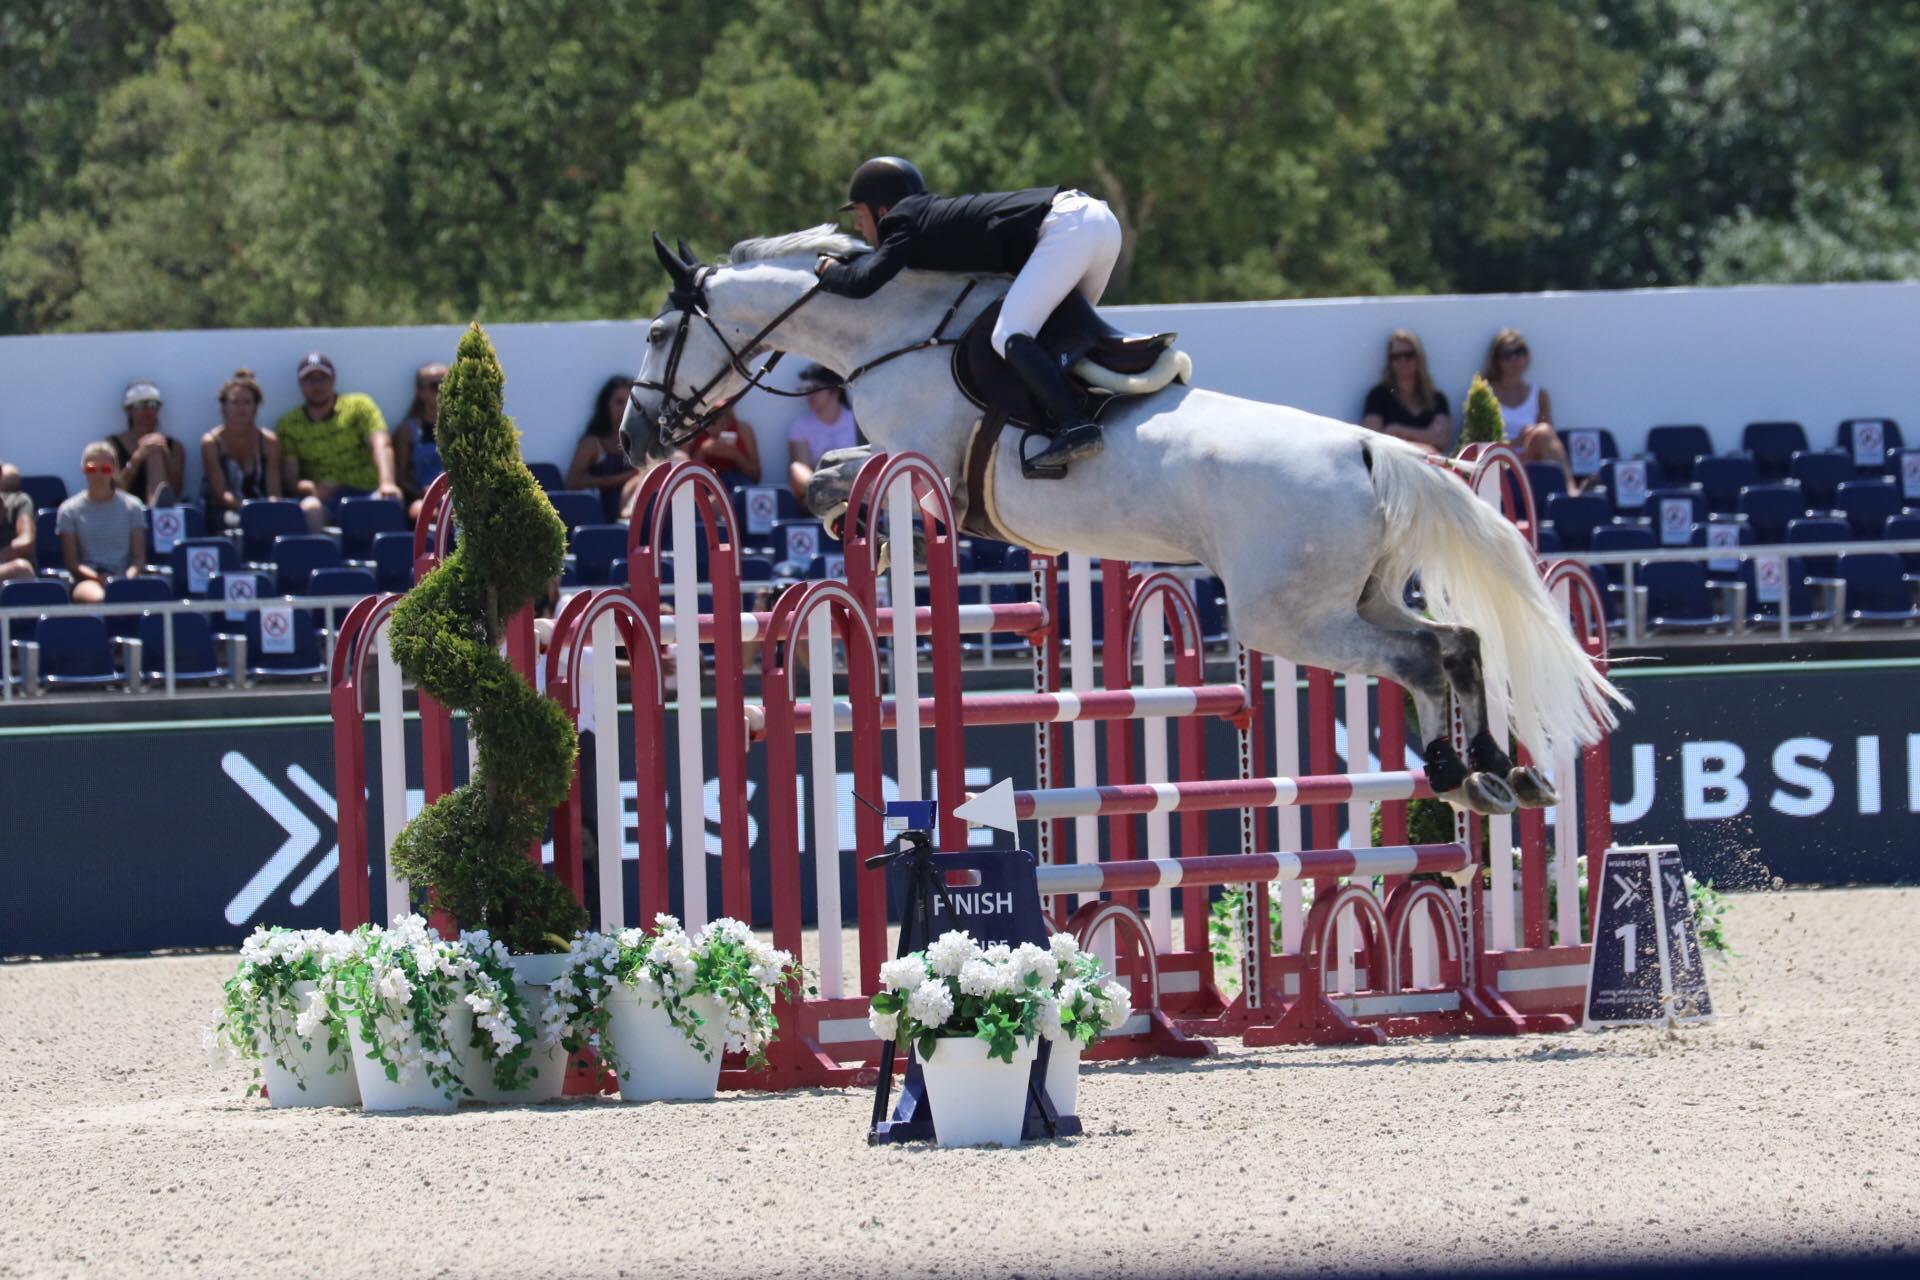 """Maikel van der Vleuten: """"Je paarden altijd soepel houden"""""""